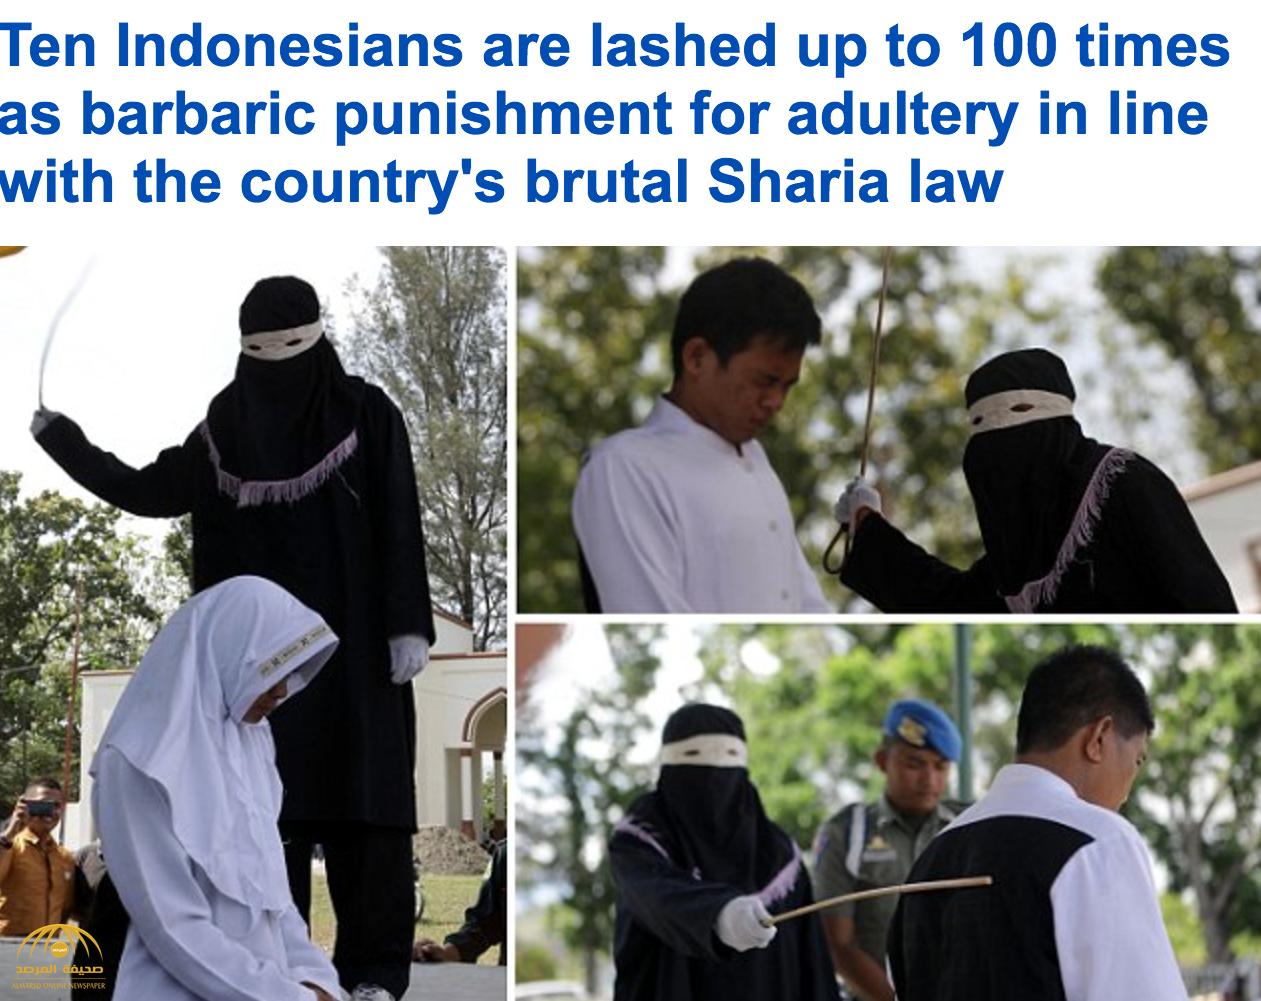 شاهد بالصور :  جلد 10 أشخاص  بالعصا على الظهر في مقاطعة أندونيسية بتهمة الزنا